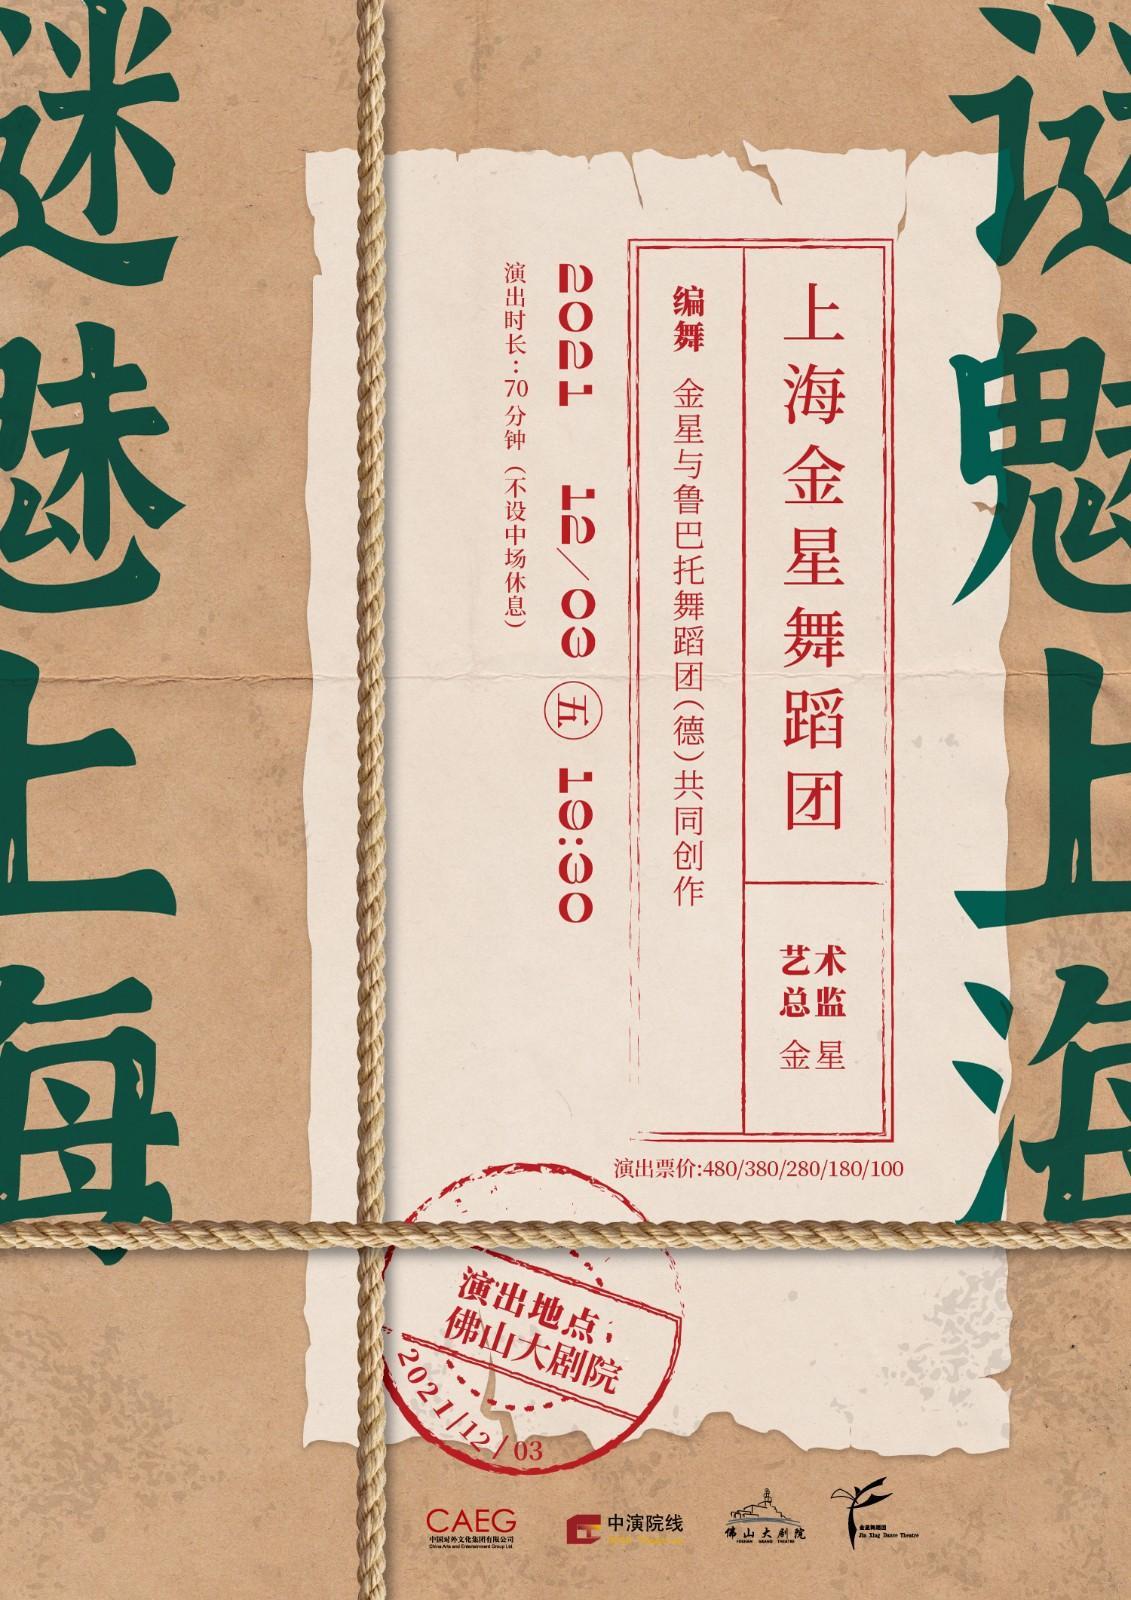 上海金星舞蹈团现代舞《谜魅上海》